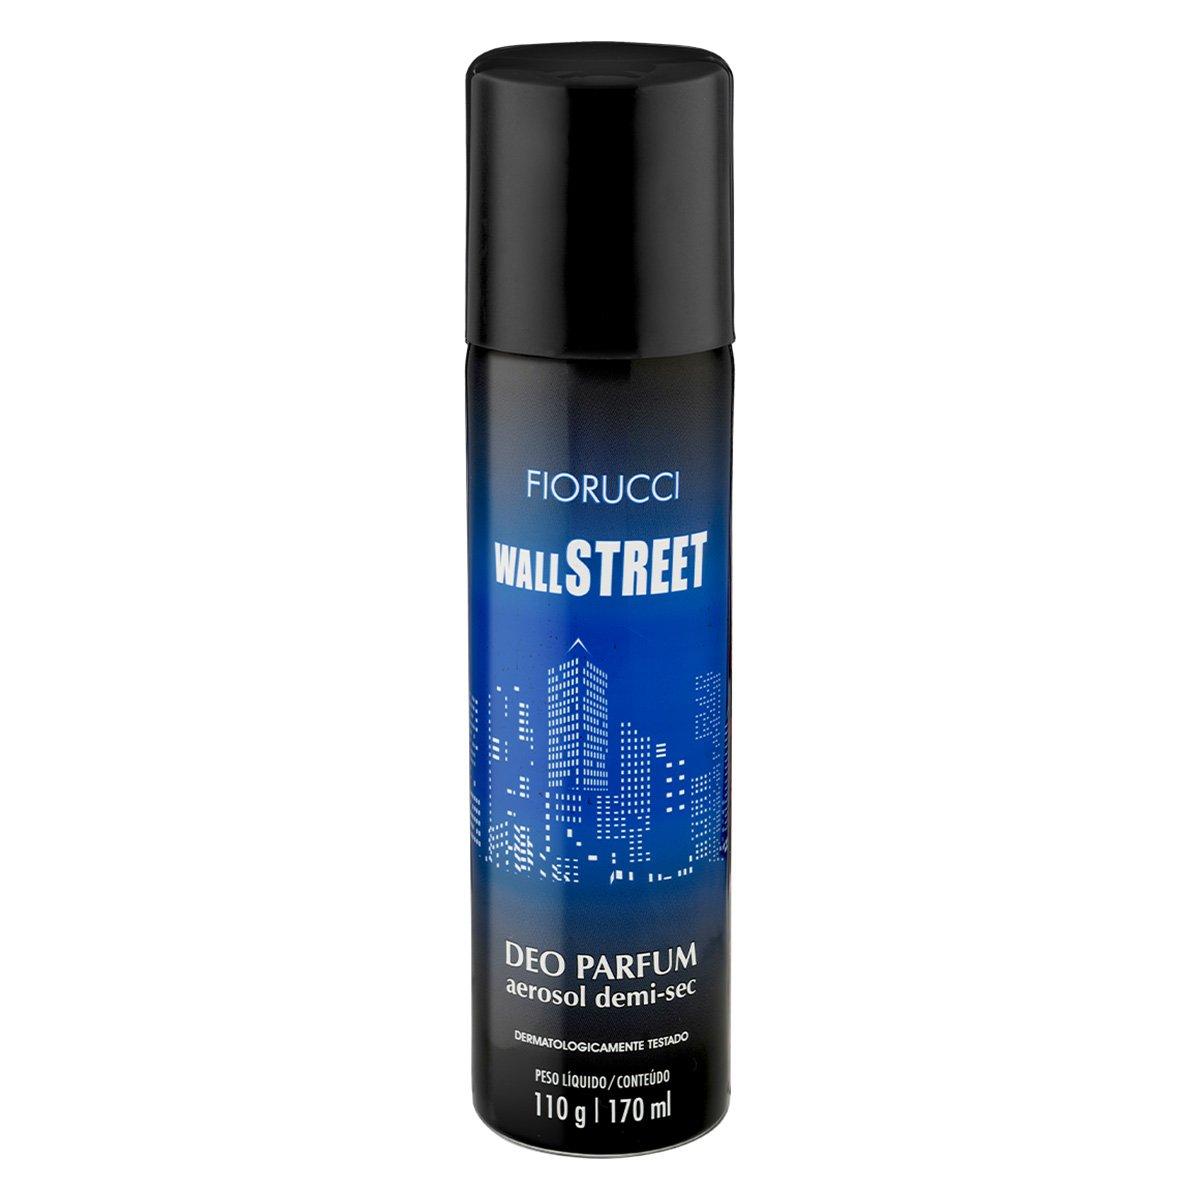 Desodorante Aerosol Fiorucci Wall Street - 170ml